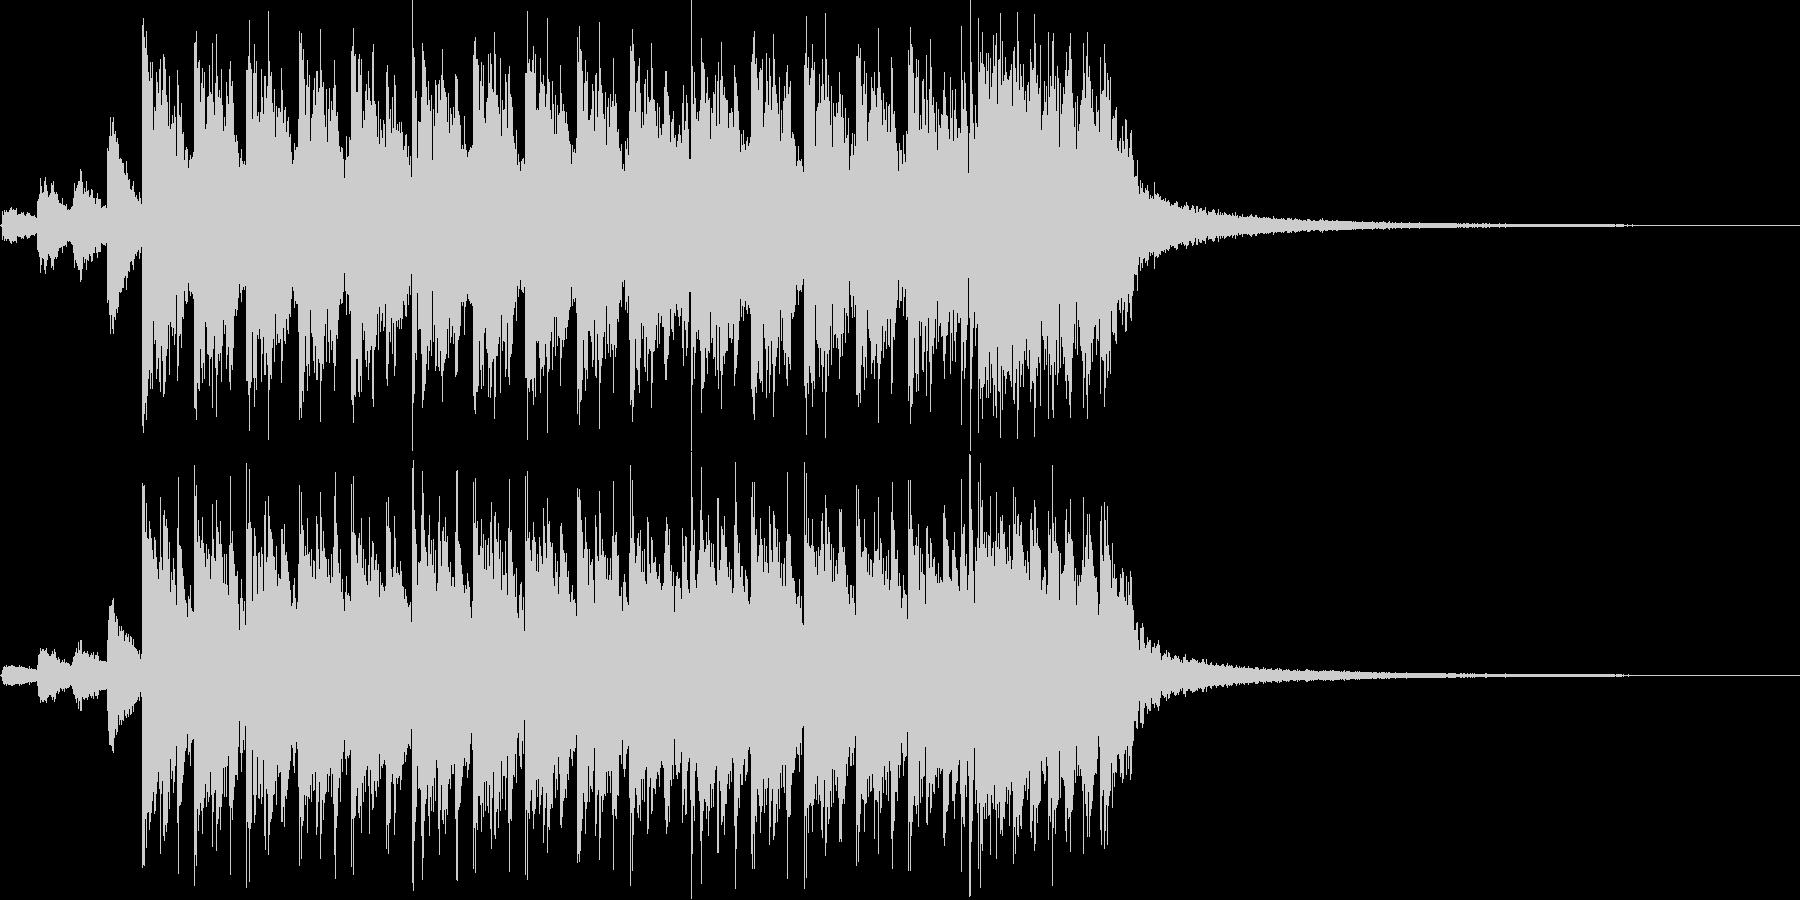 激しく疾走感のあるメタル風の曲の未再生の波形